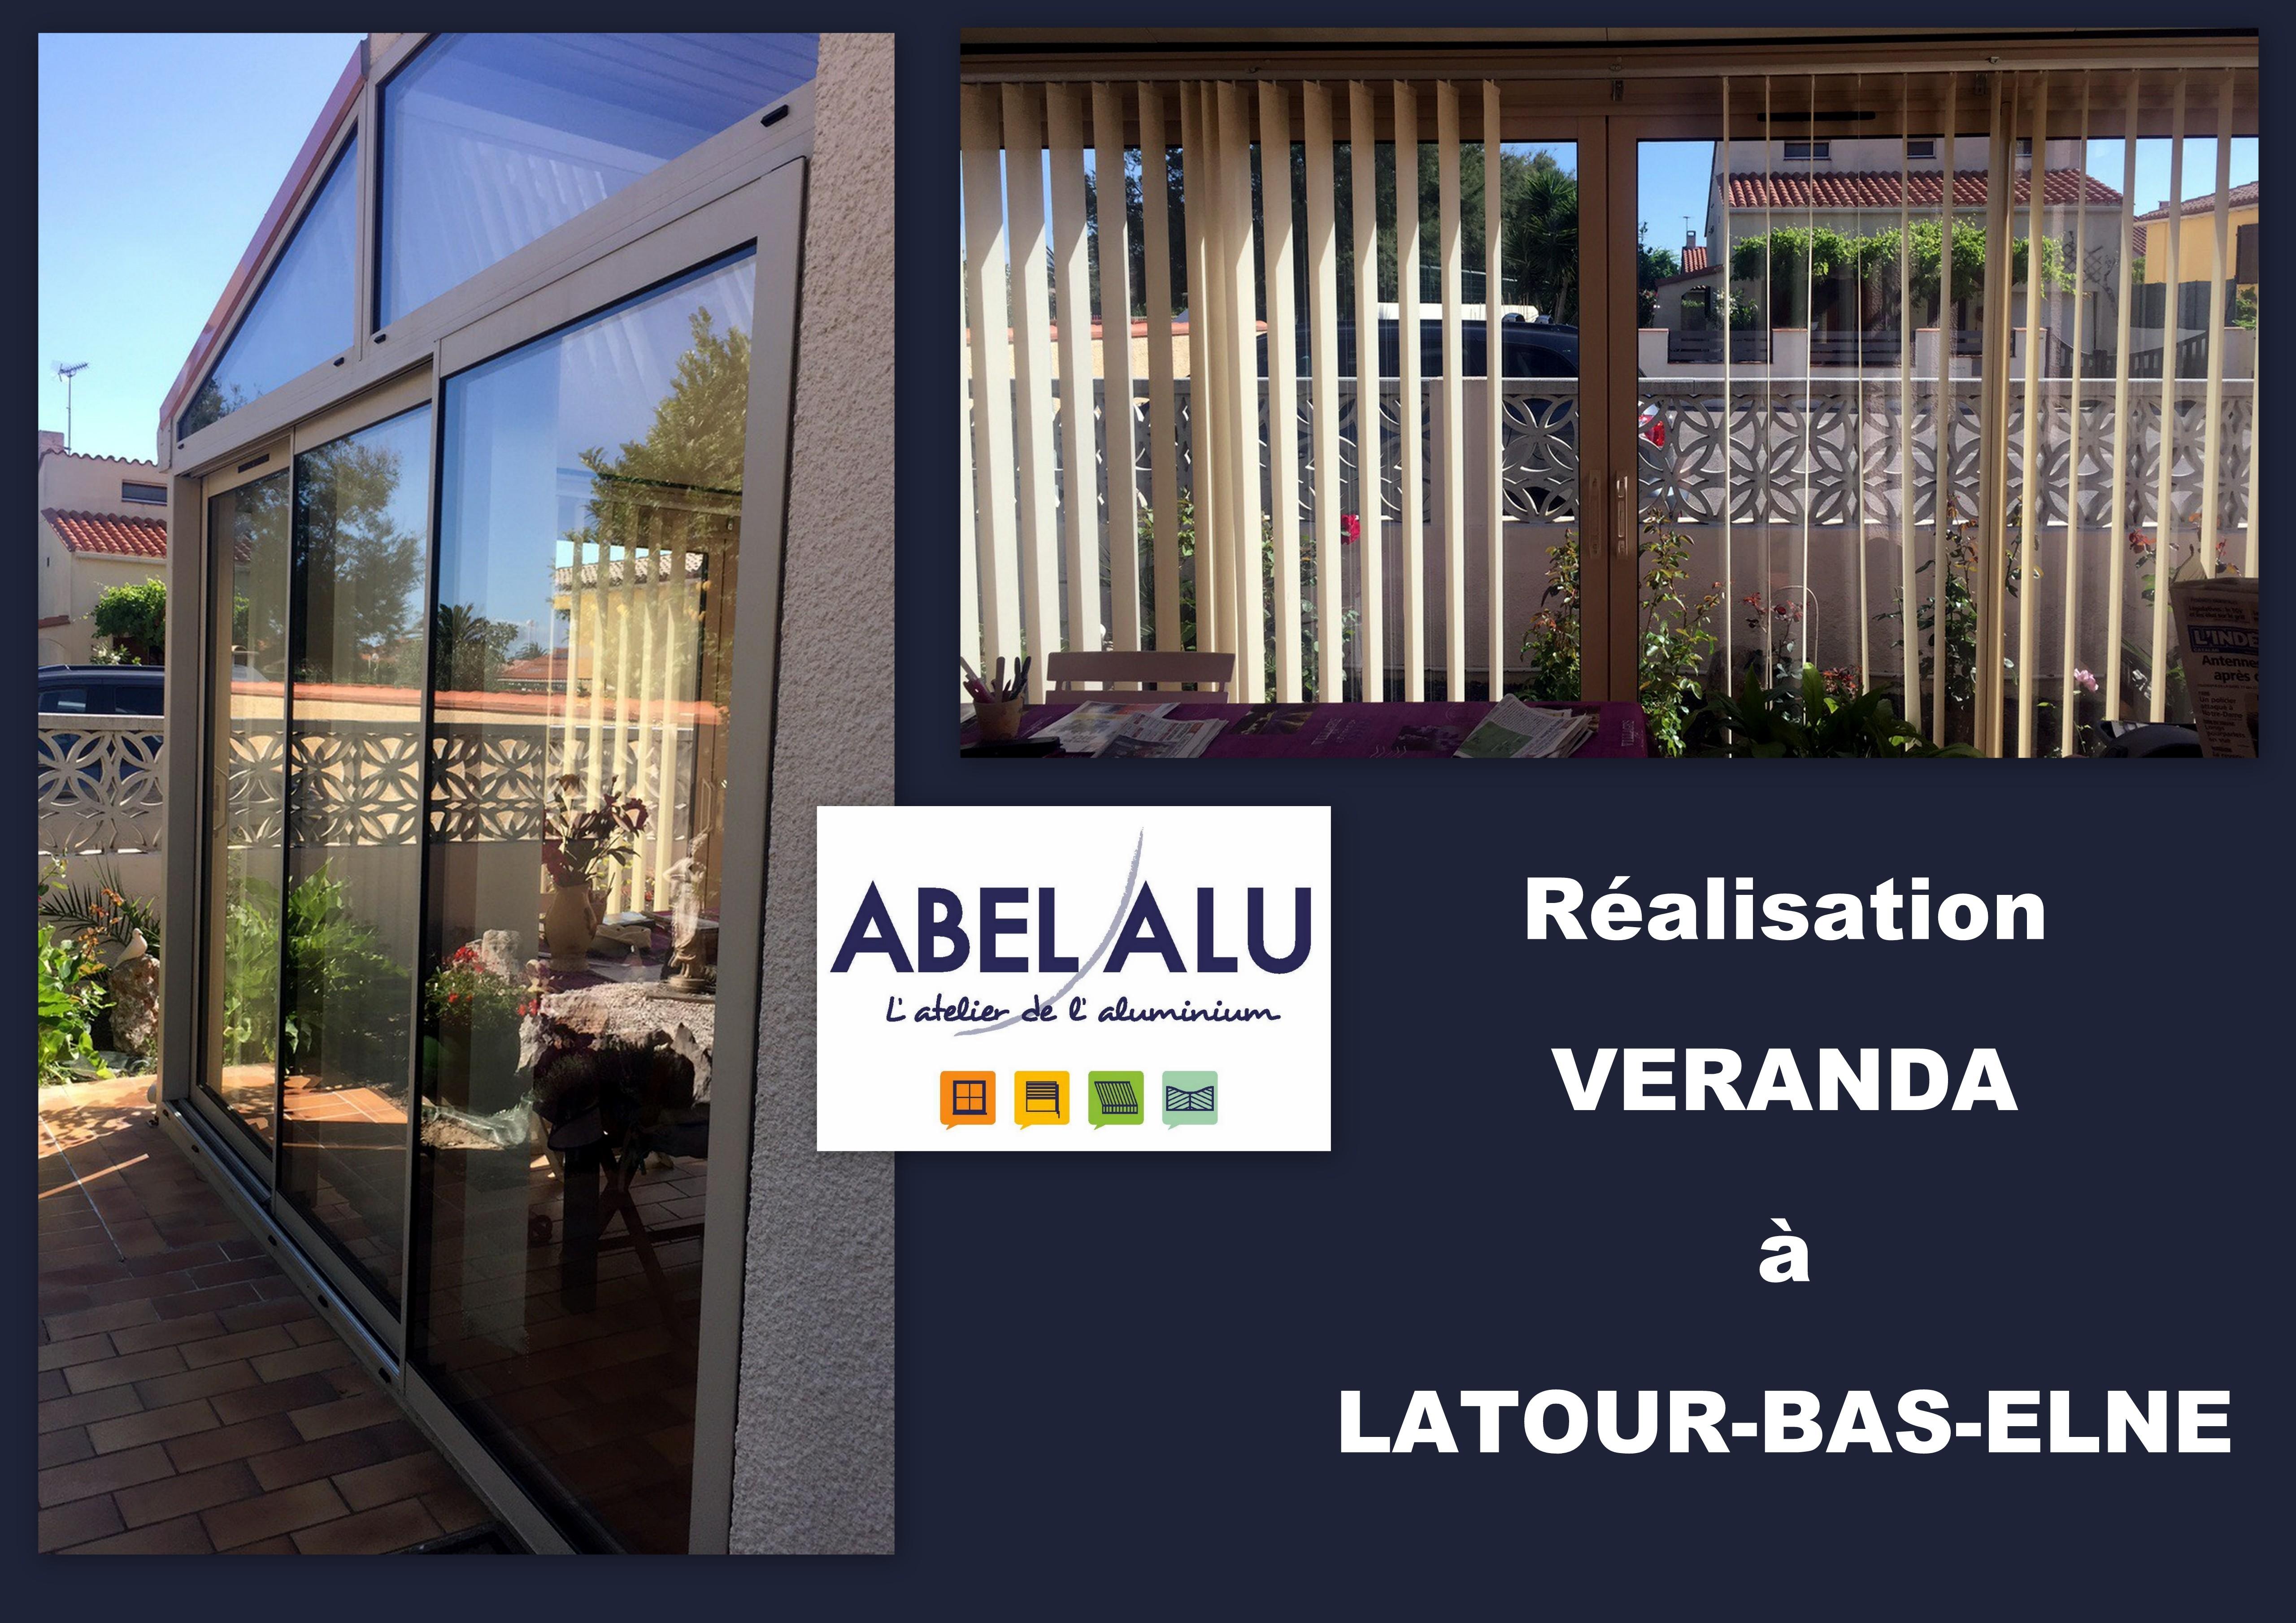 ABEL ALU - VERANDA - LATOUR-BAS-ELNE